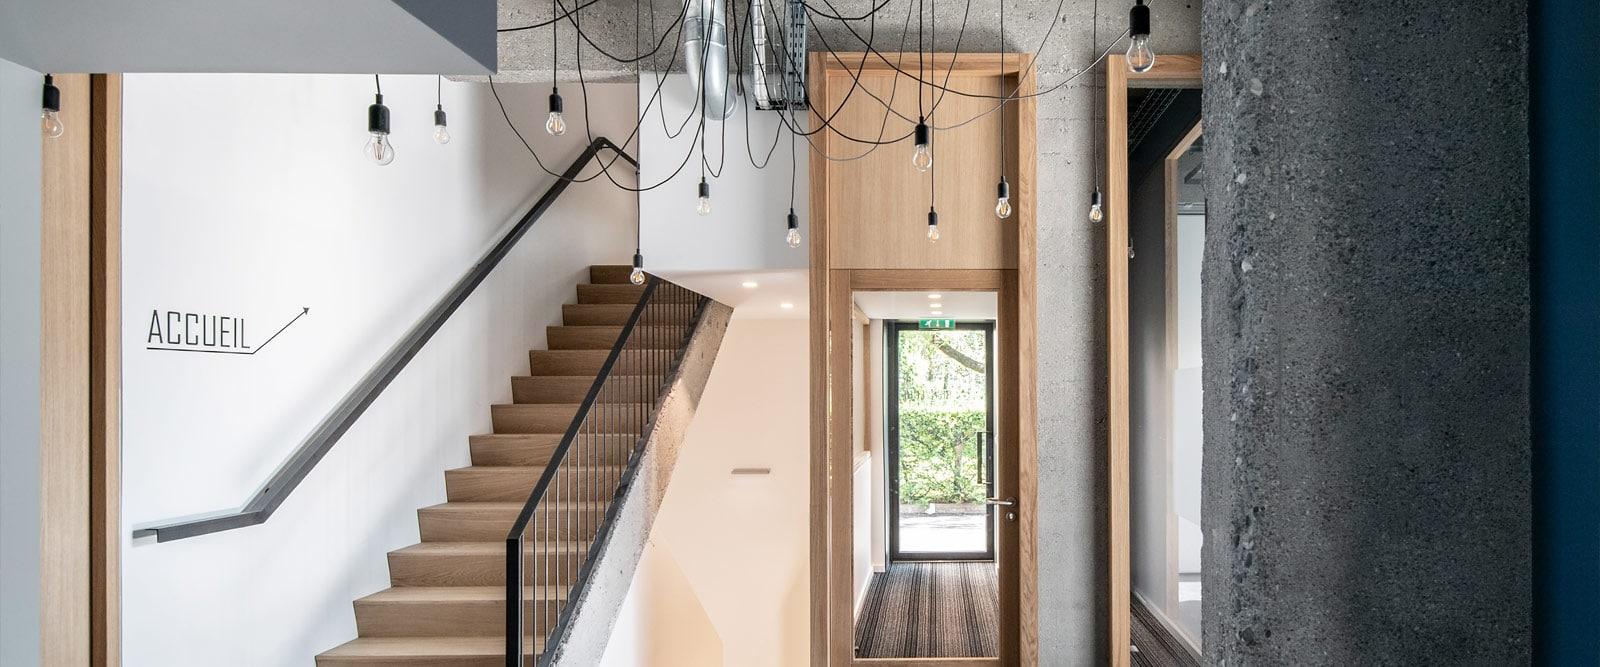 AER-Architectes-Agence-04